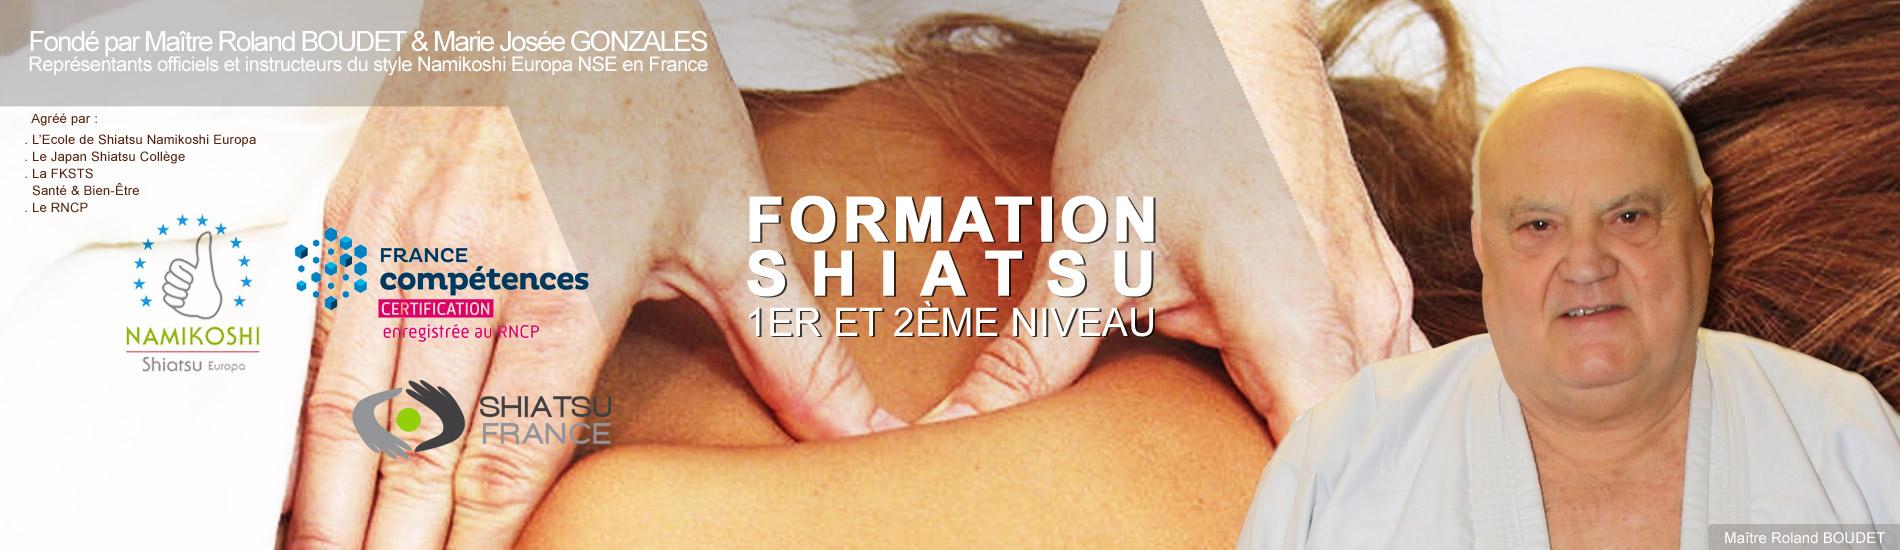 FORMATIONSHIATSU